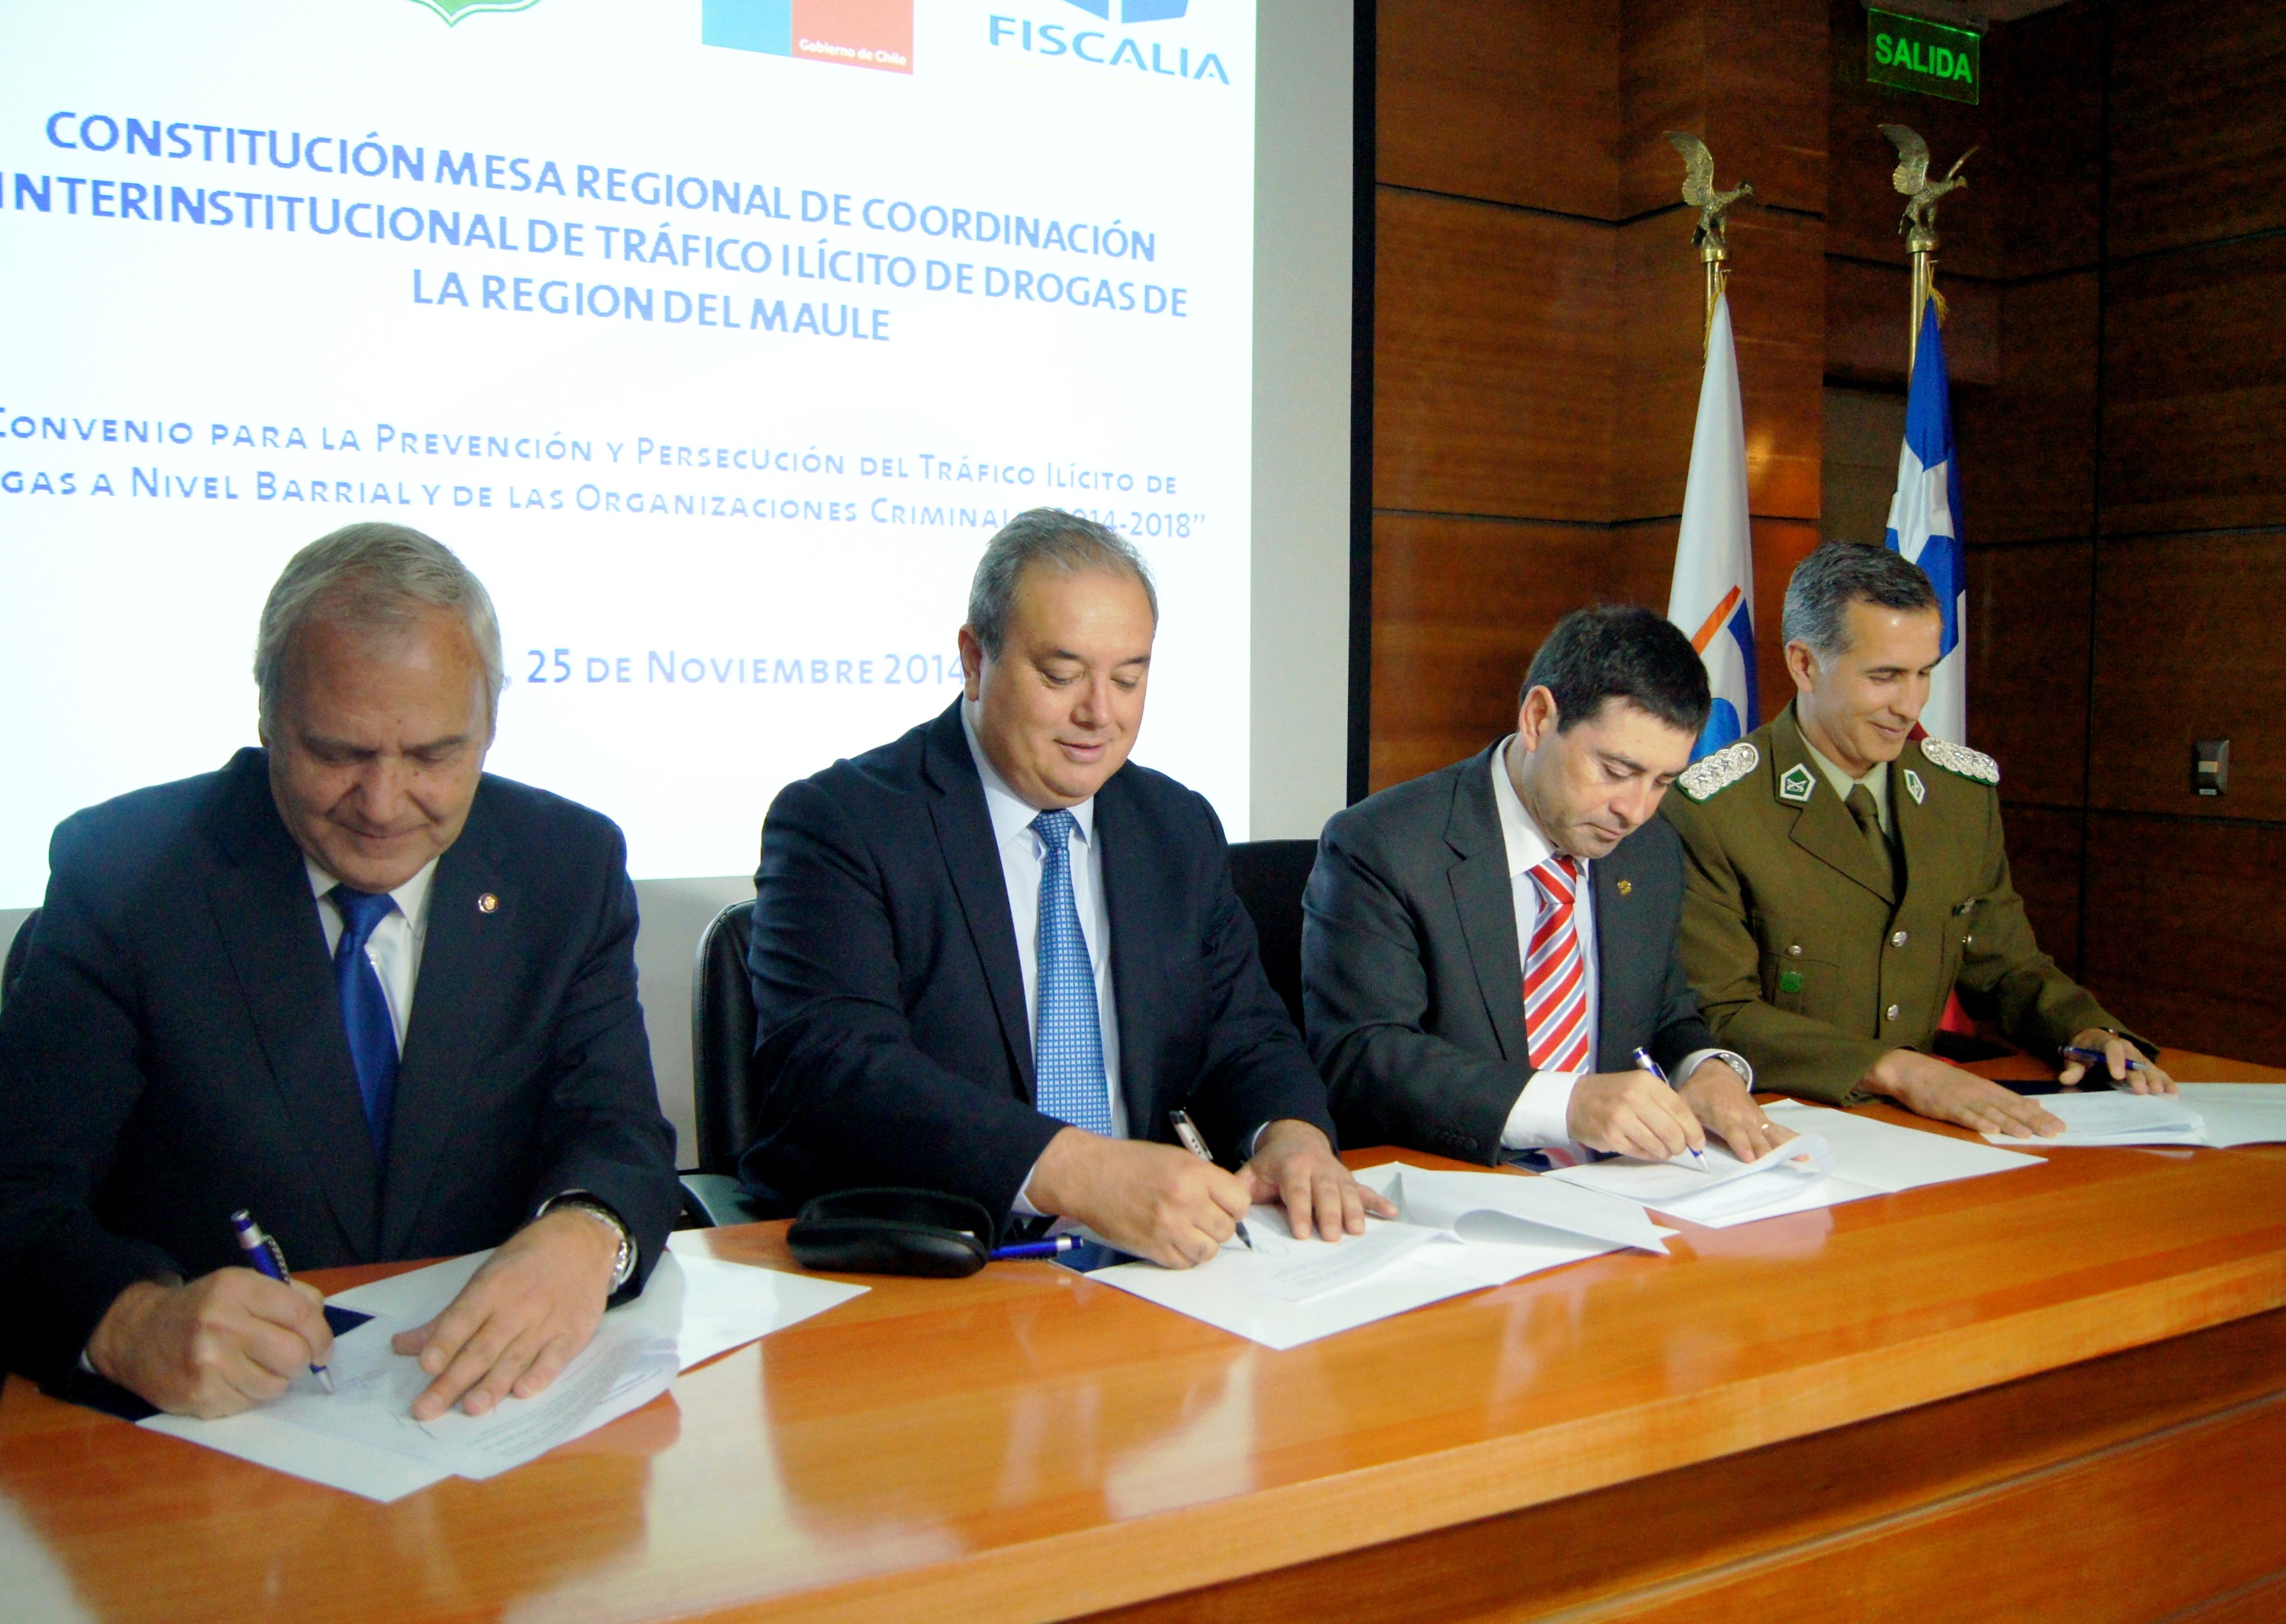 Constituyen Mesa Regional de Coordinación para el Tráfico de Drogas